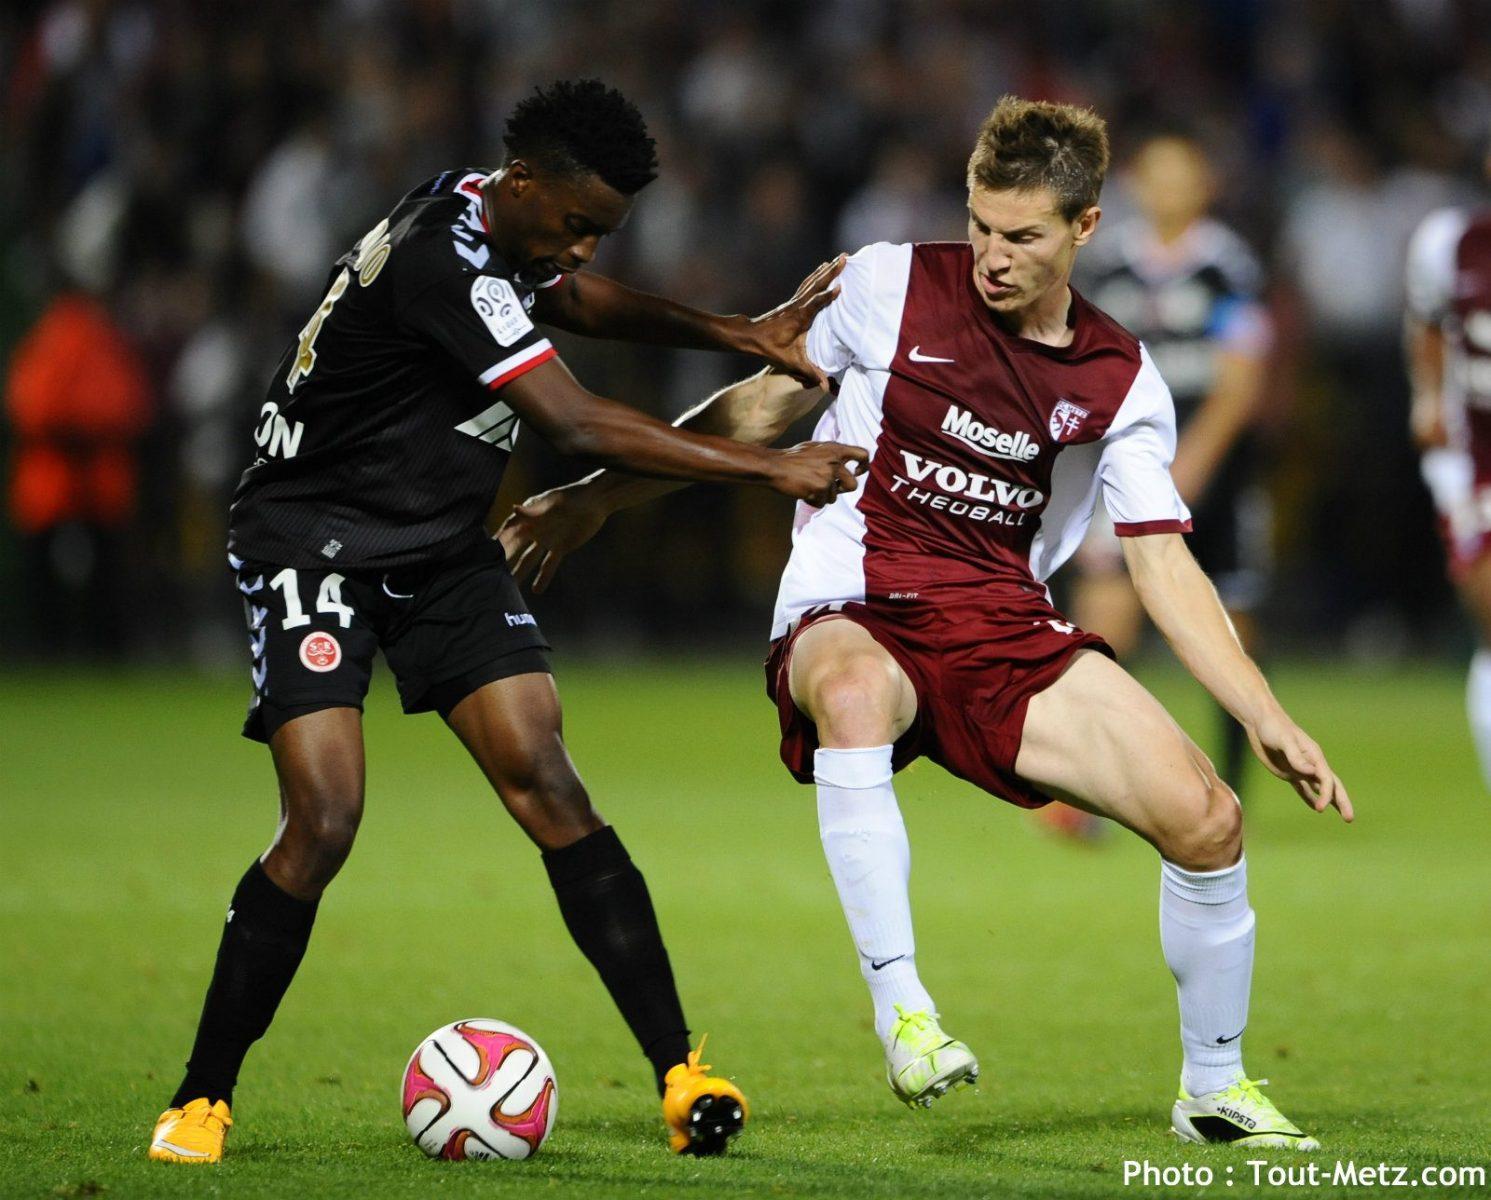 3ème victoire d'affilée pour le FC Metz, les notes des joueurs